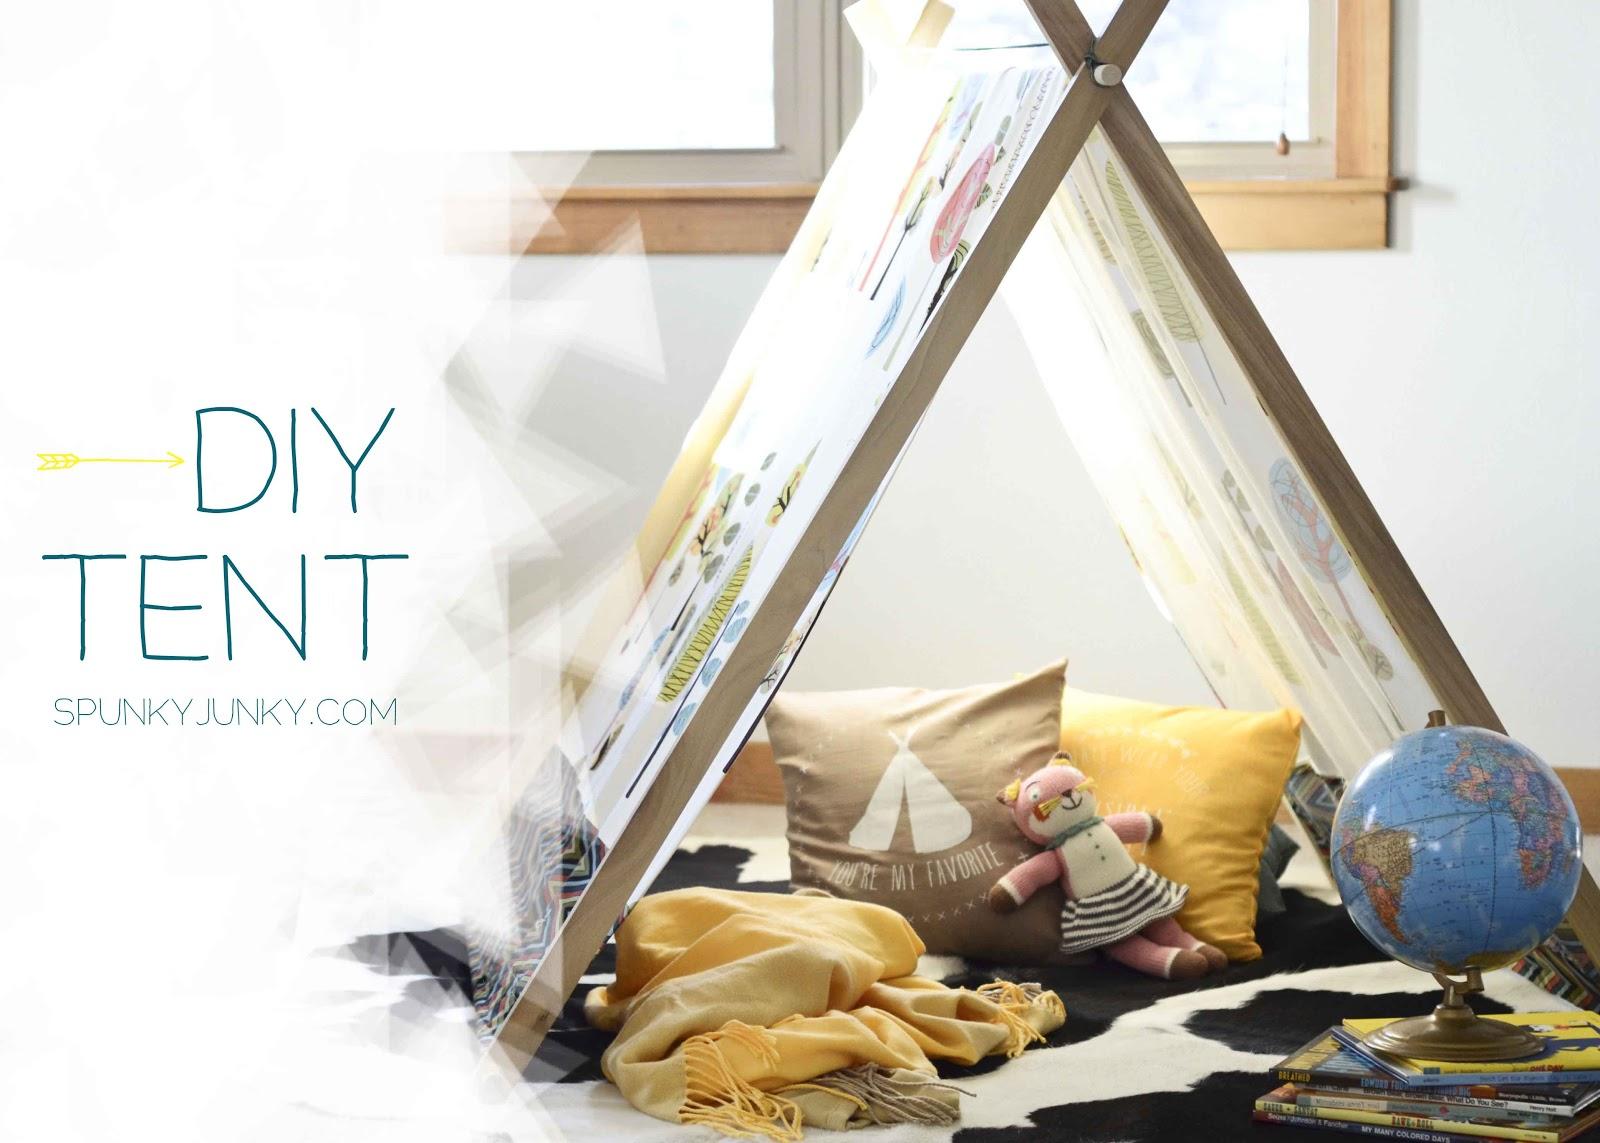 Diy Tent Spunky Junky Diy Tent